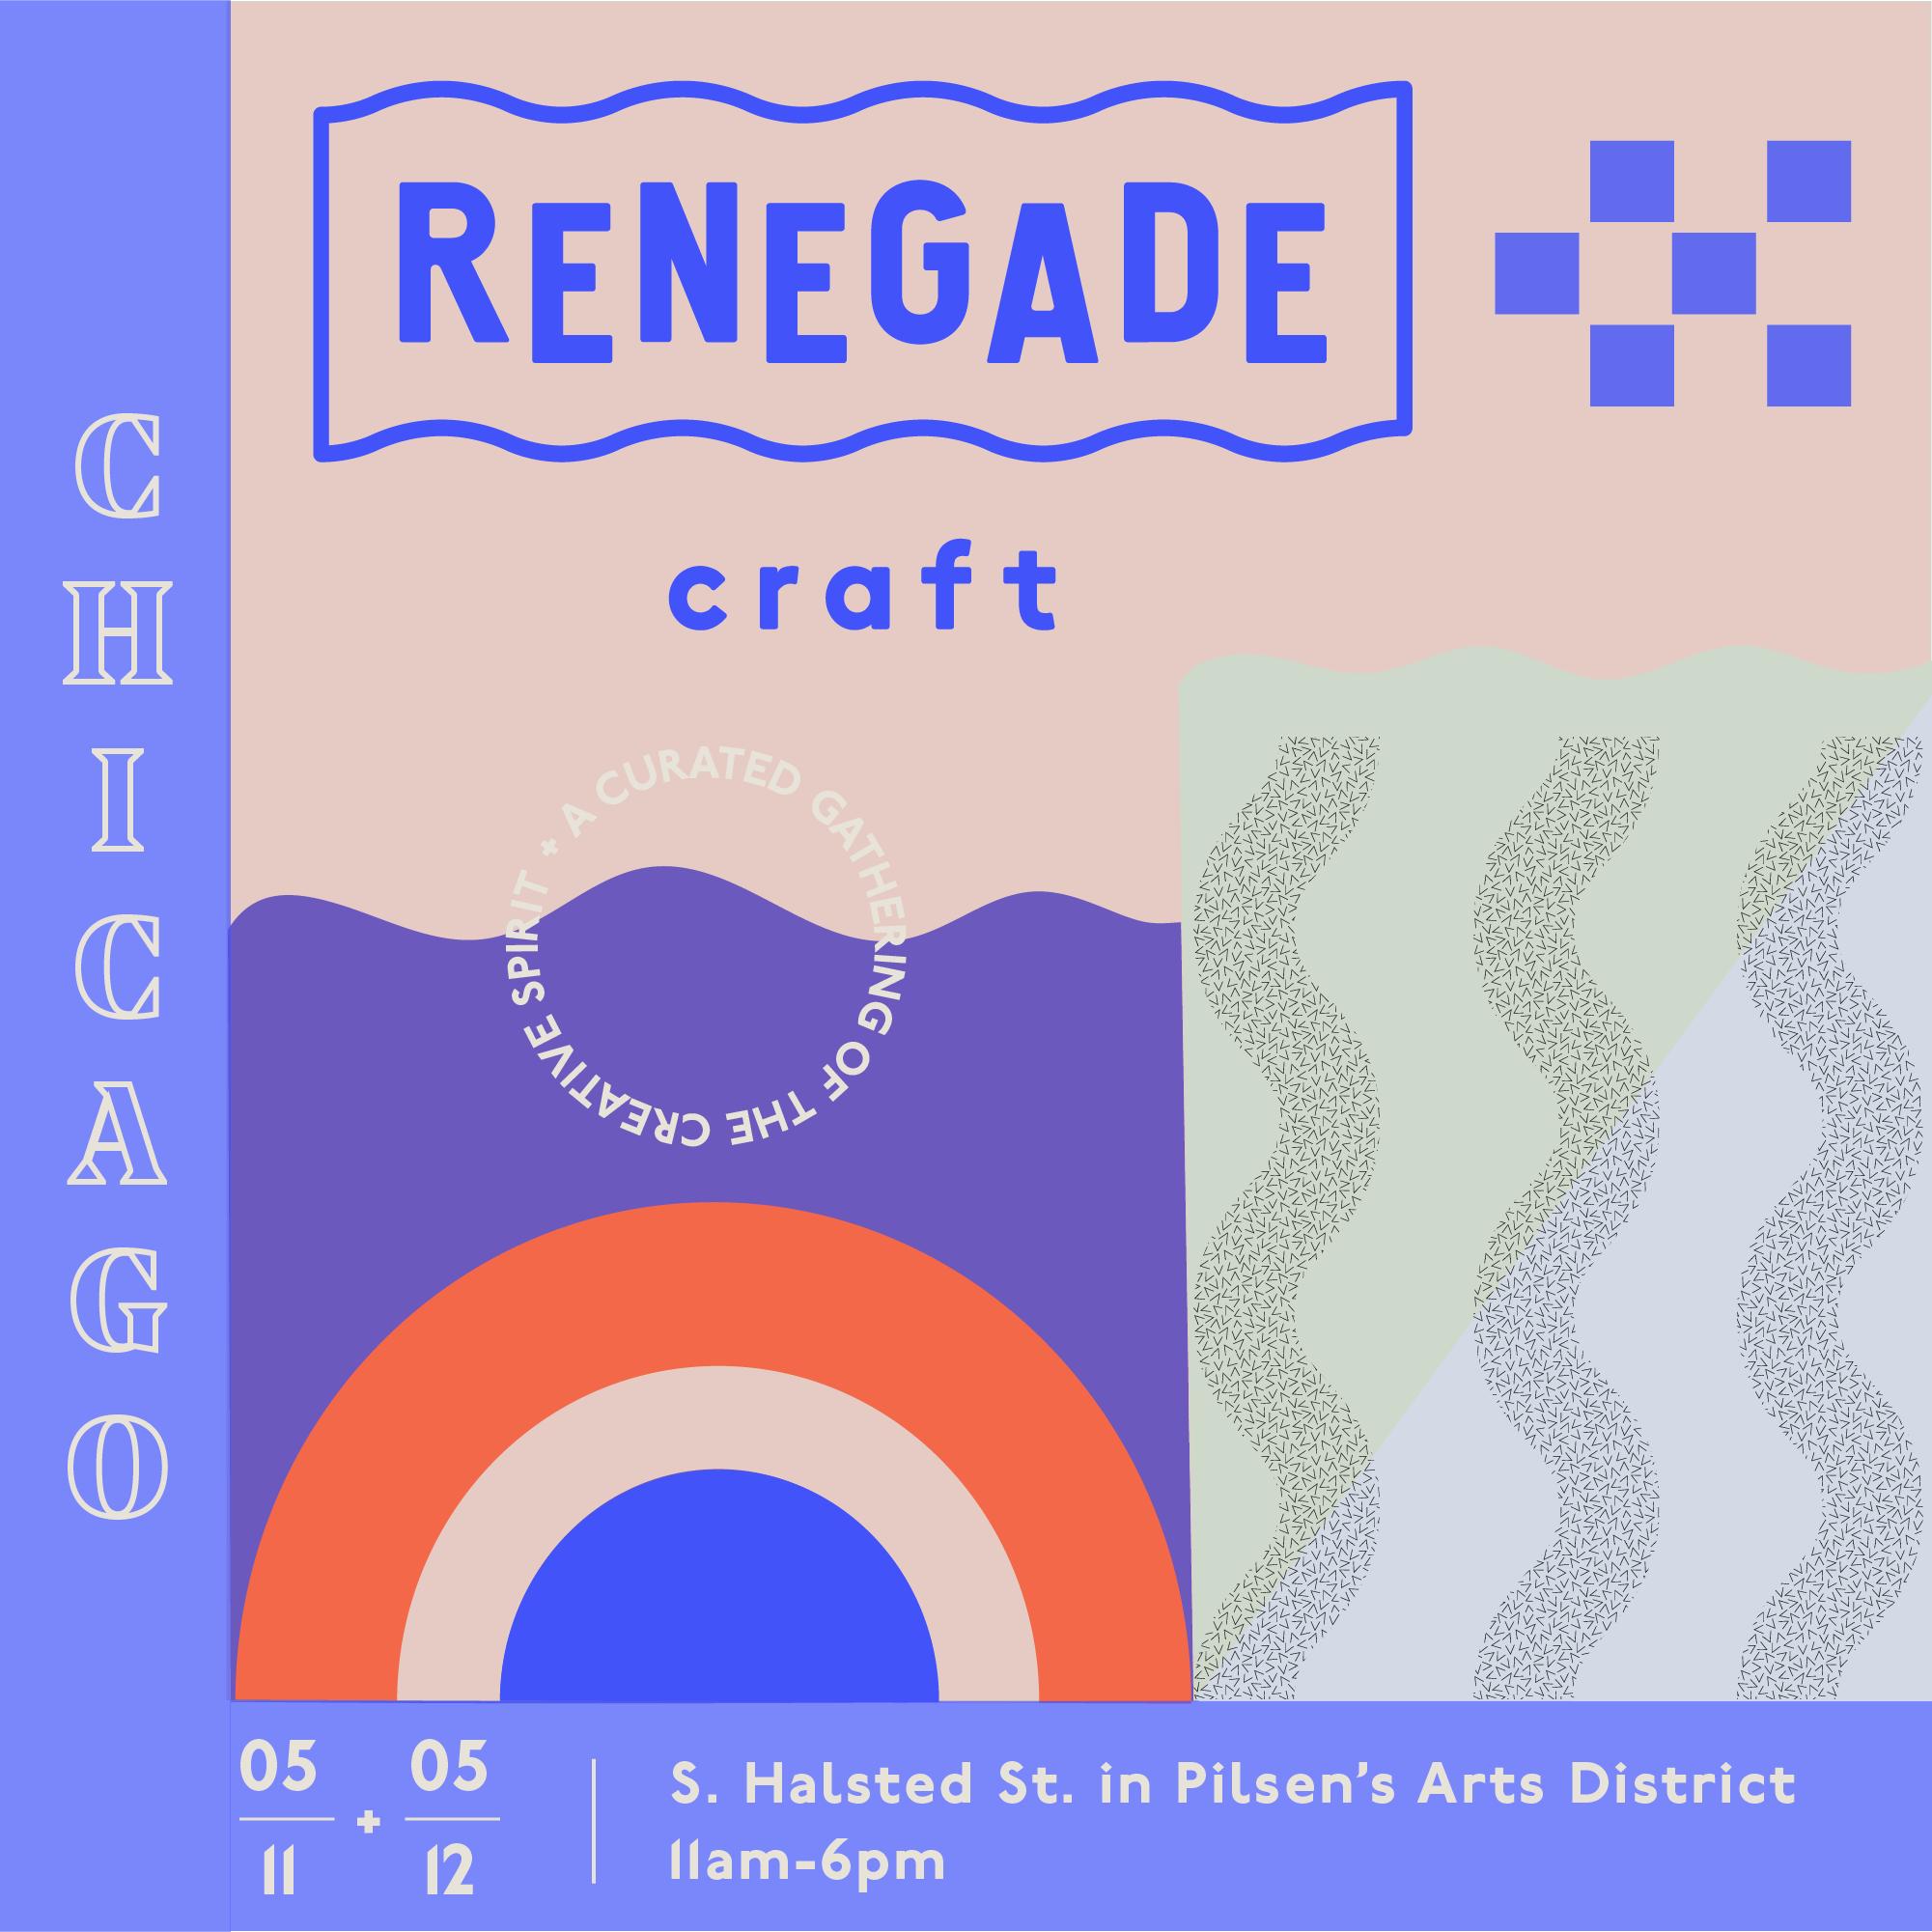 RenegadeCraft_Chicago_Flyer